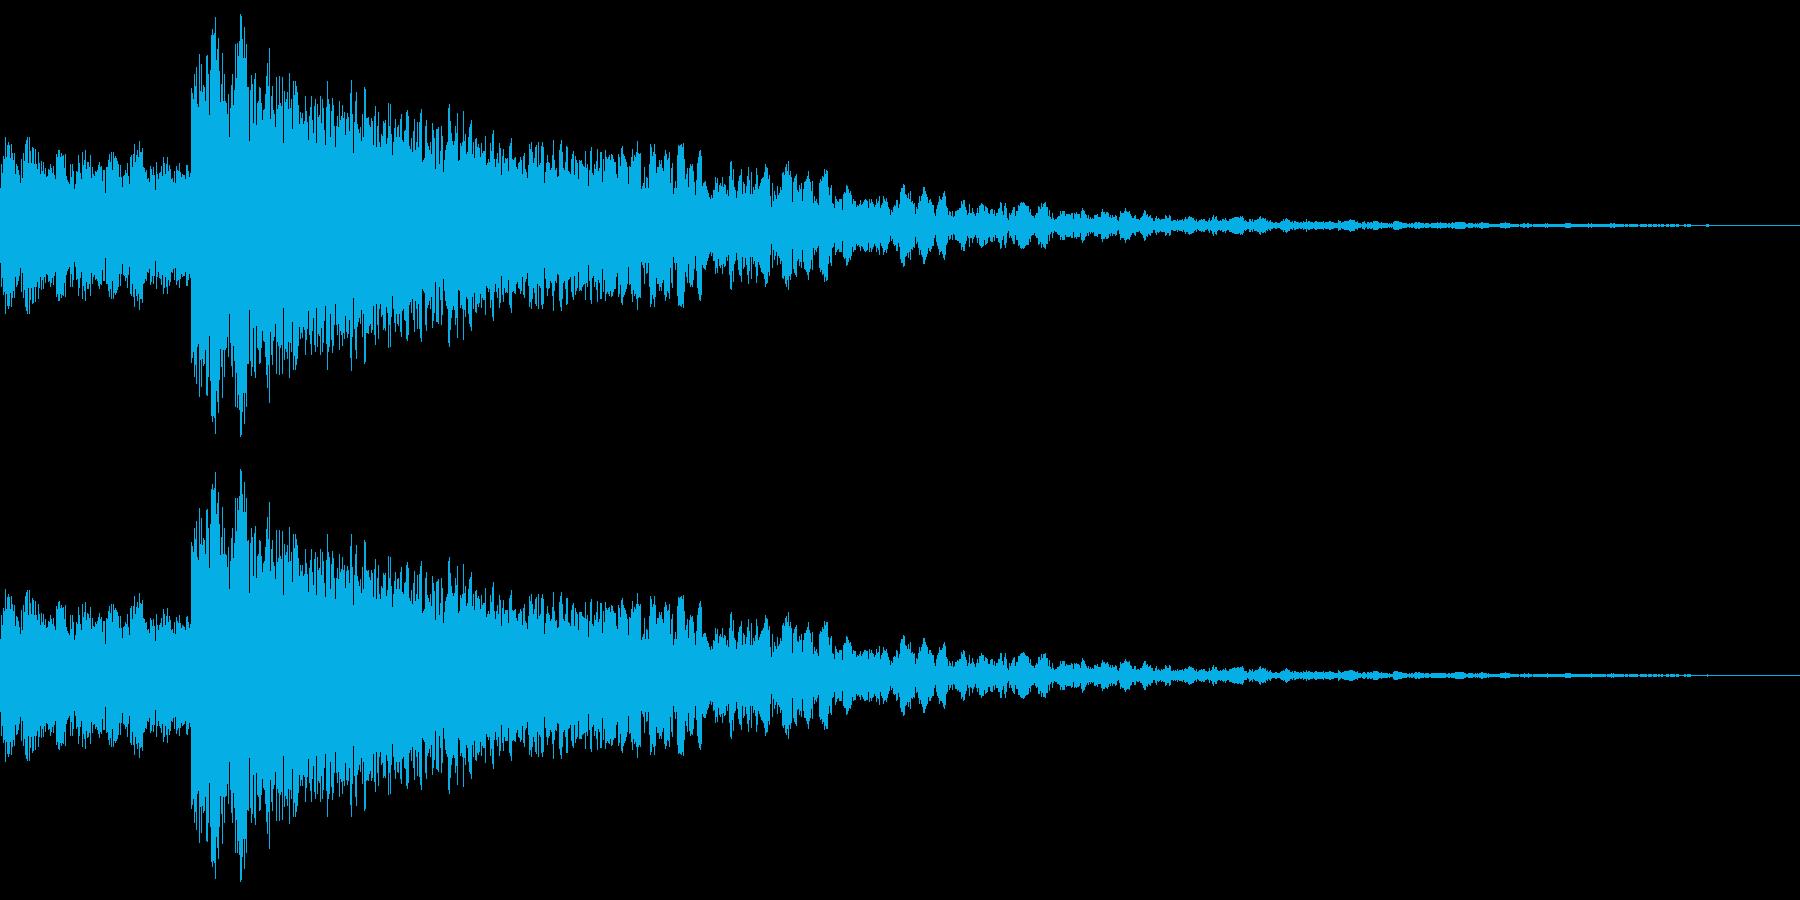 ロボット足音 タイプ4の再生済みの波形